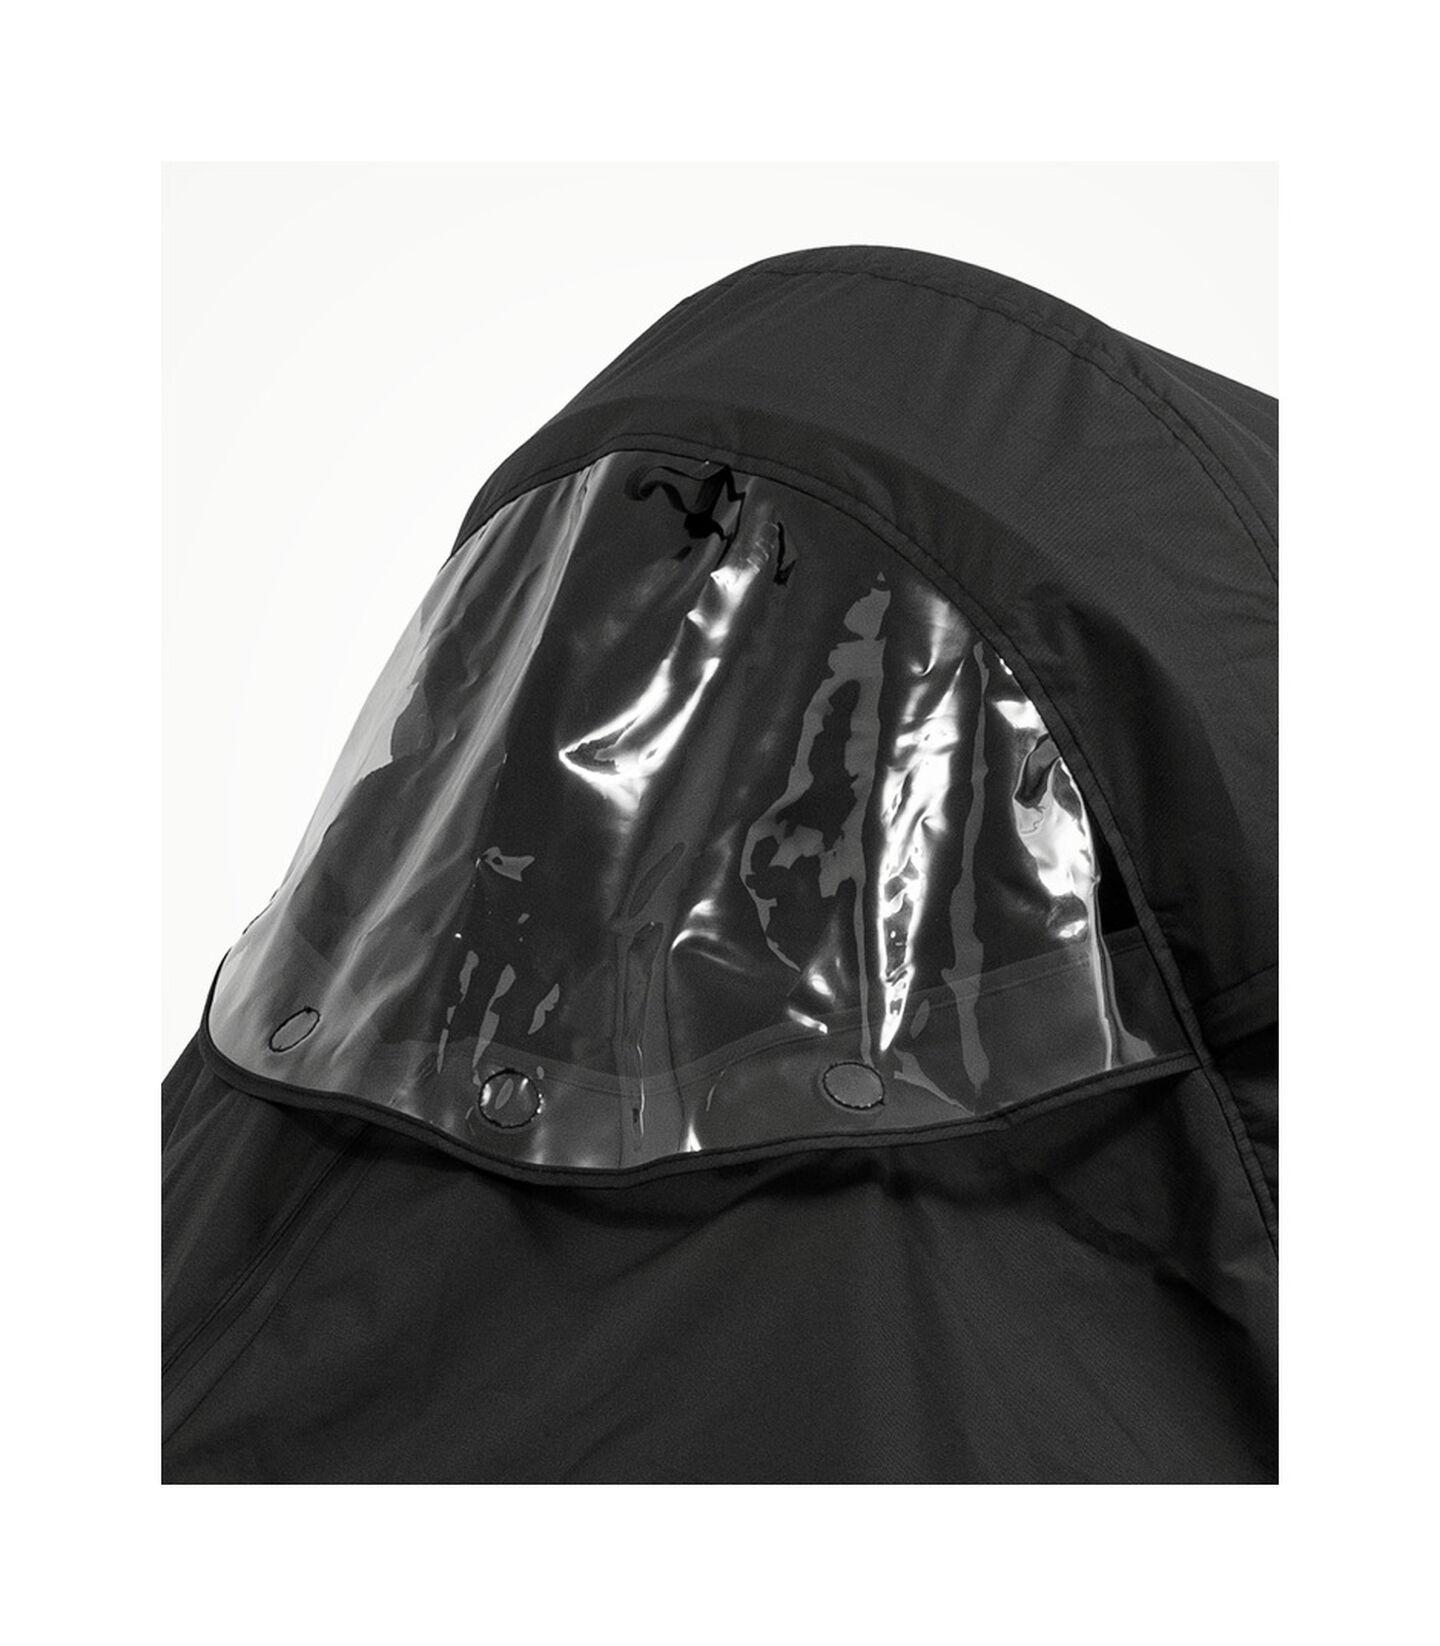 Osłona przeciwdeszczowa Stokke® Xplory® X Black, Black, mainview view 4